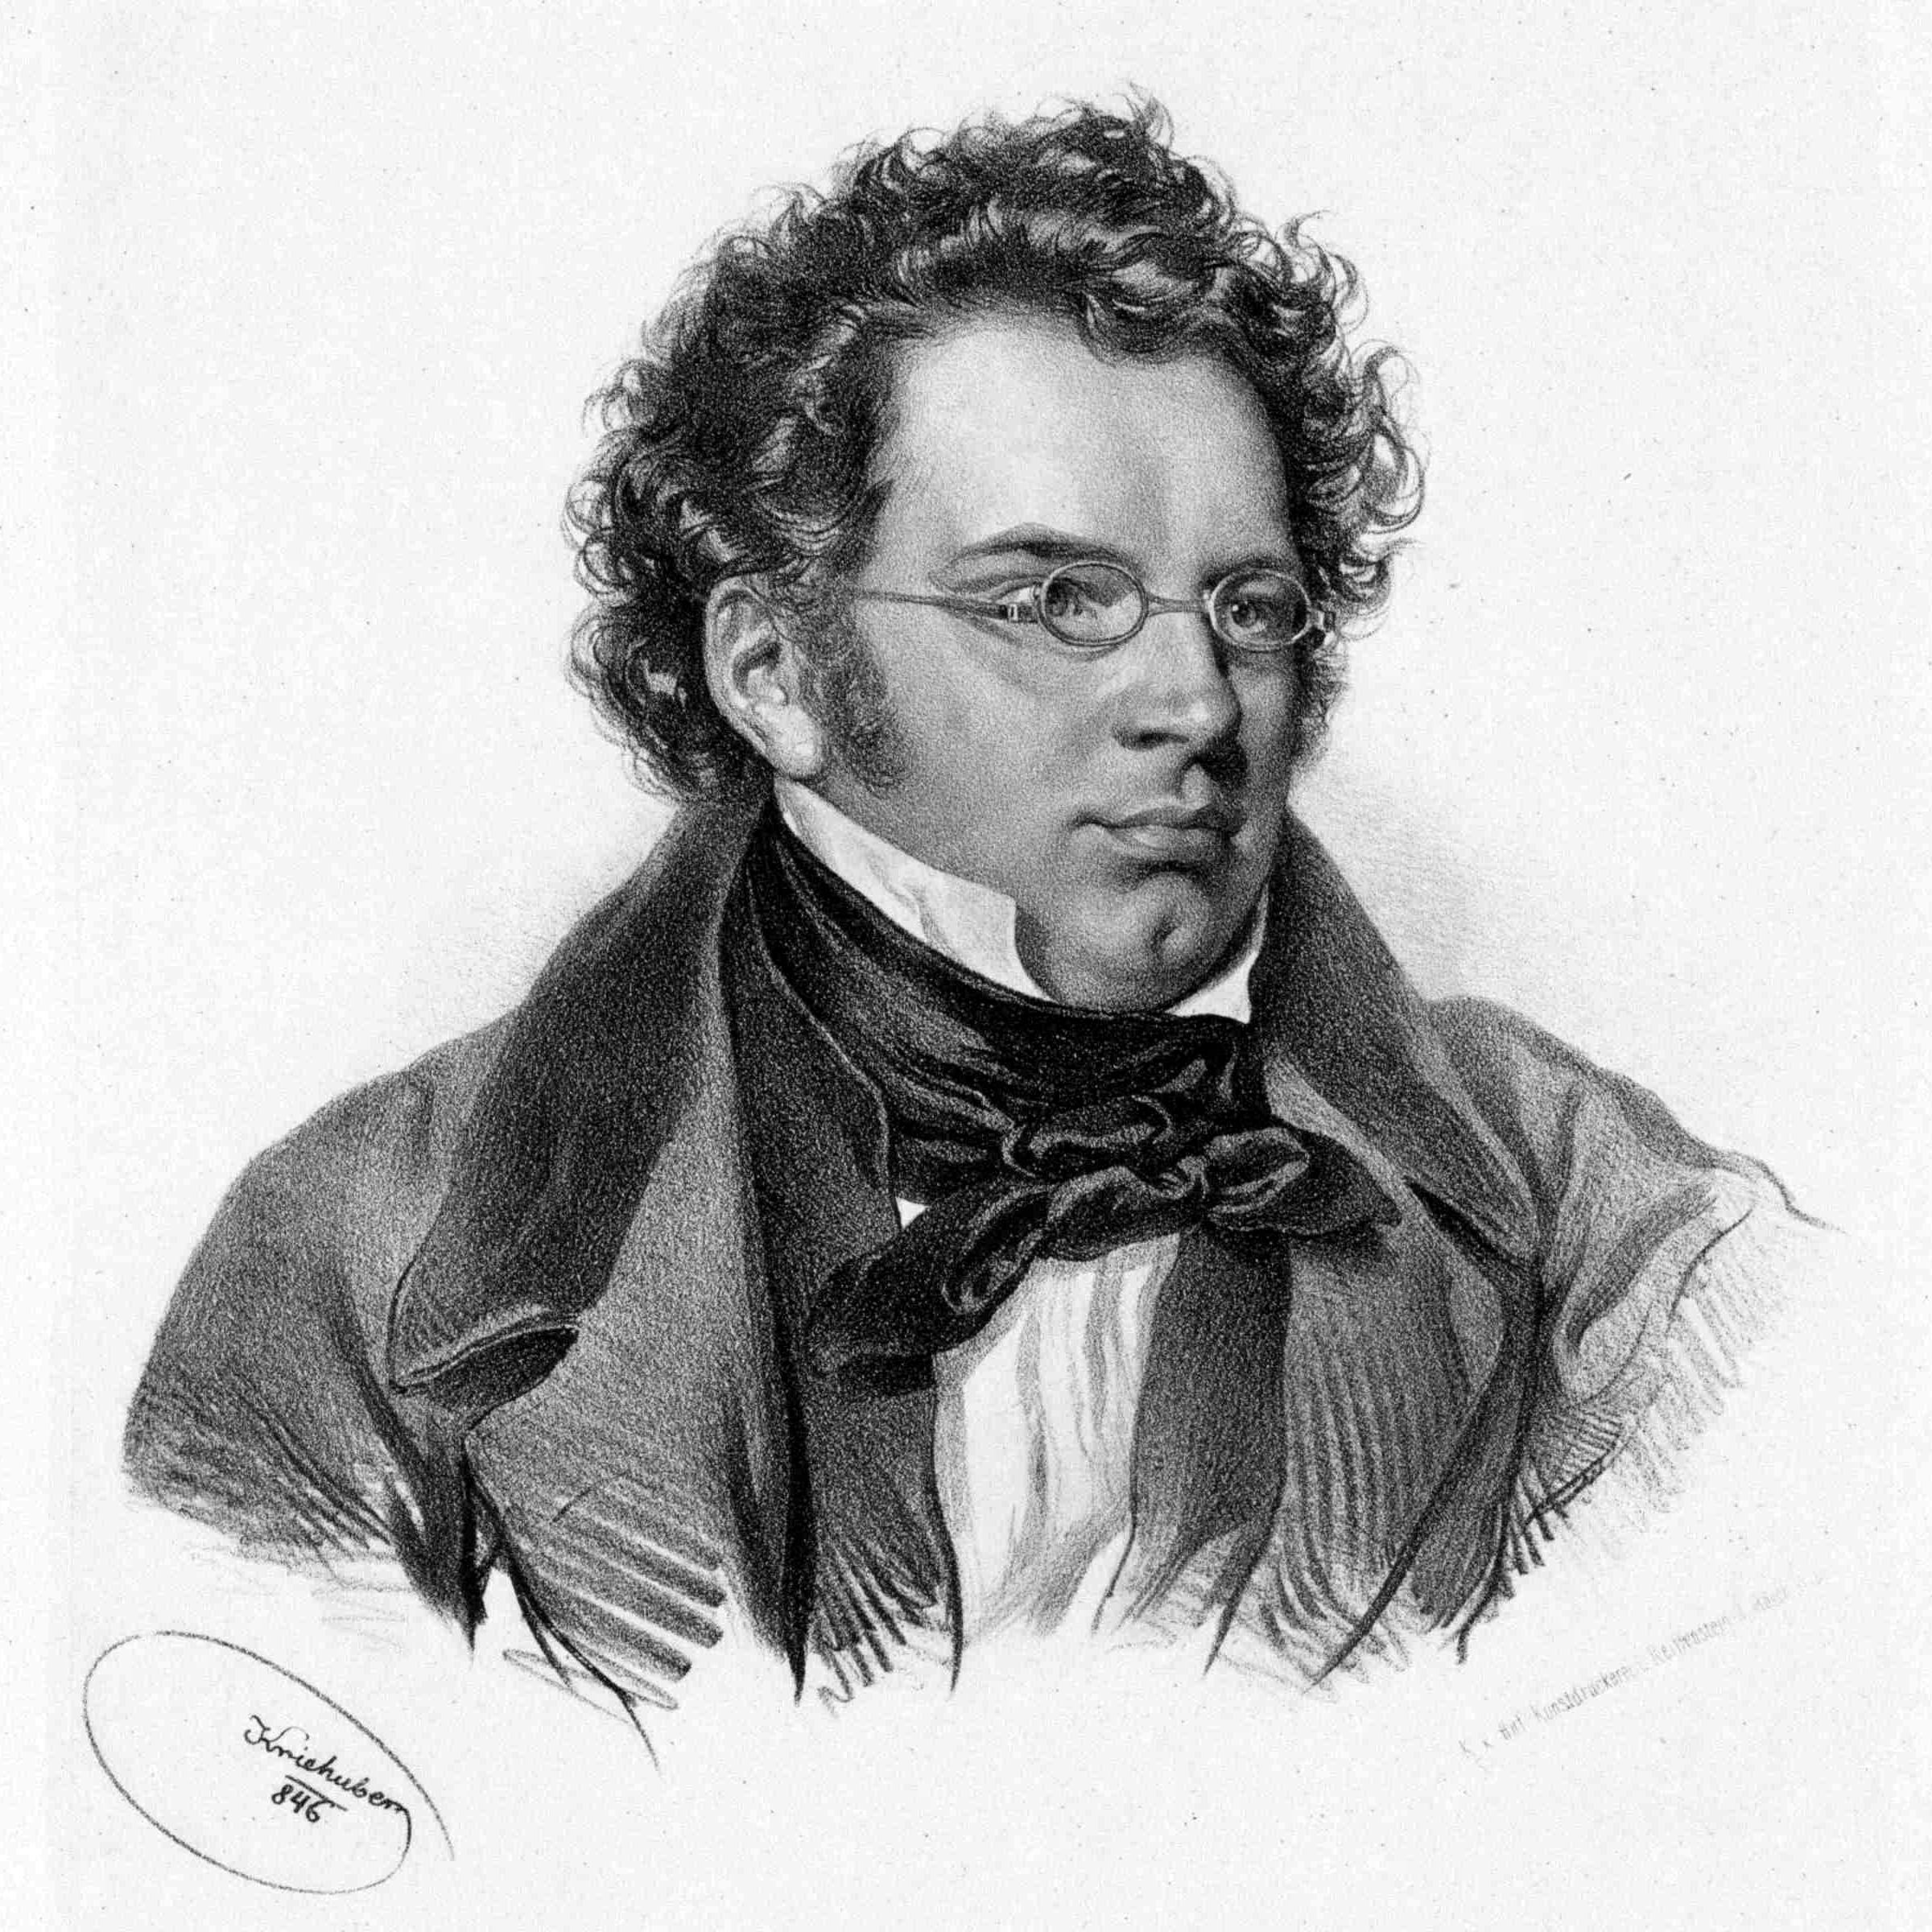 Franz Schubert by Josef Kriehuber (1846)